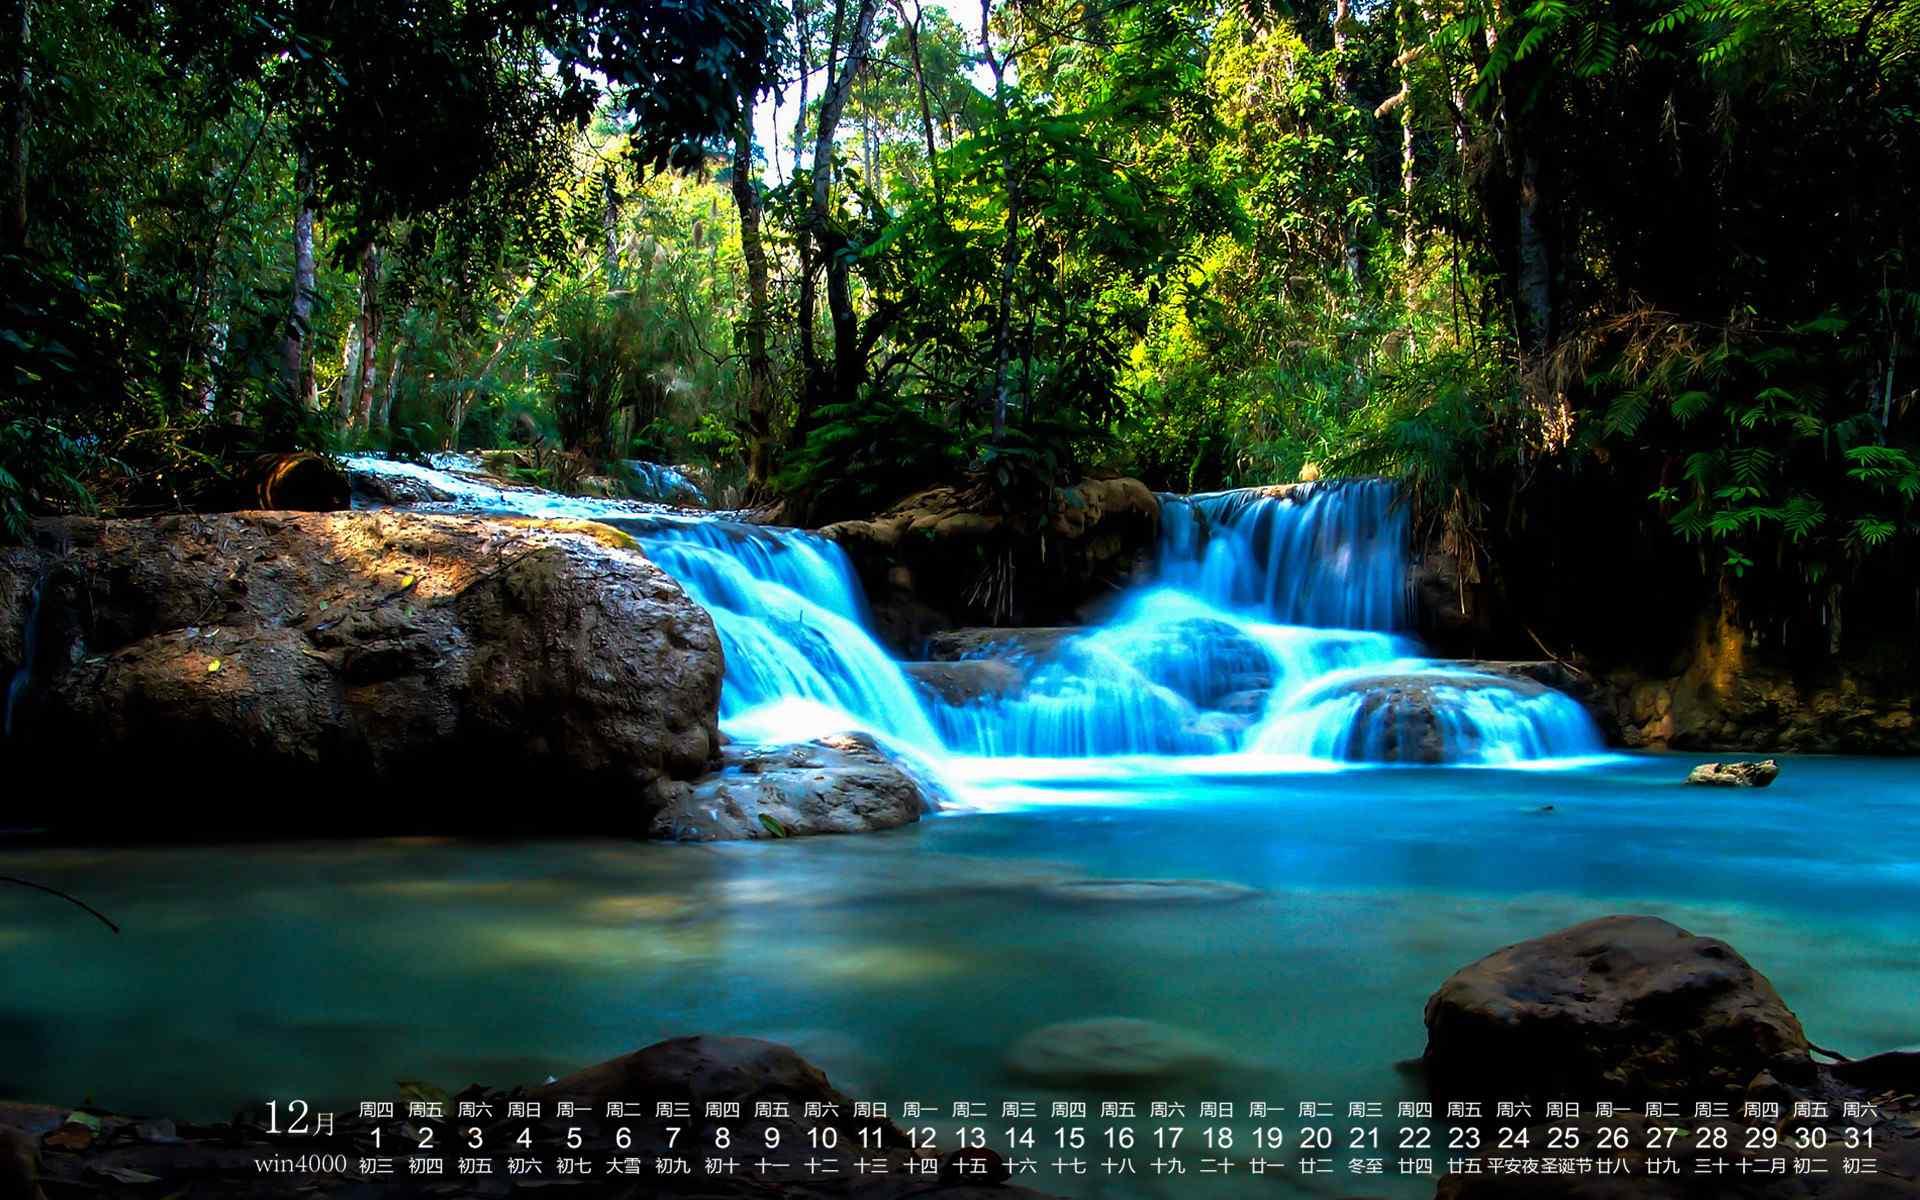 2016年12月日历琅勃拉邦光西瀑布壁纸